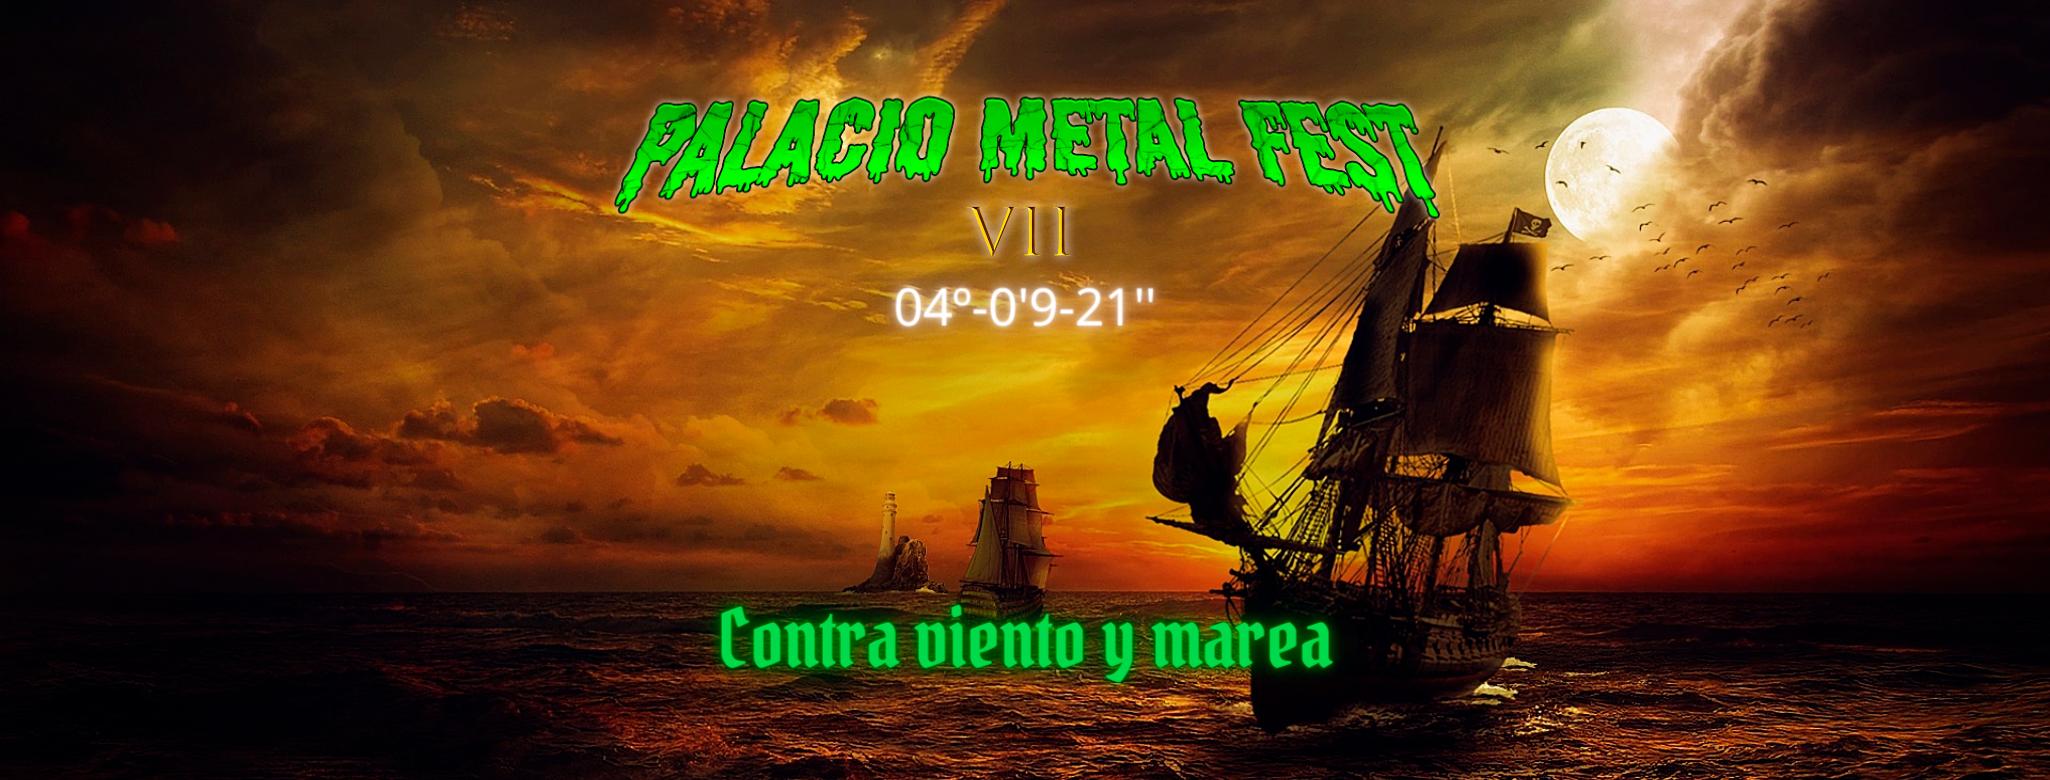 Palacio Metal Fest: Cambio de rumbo